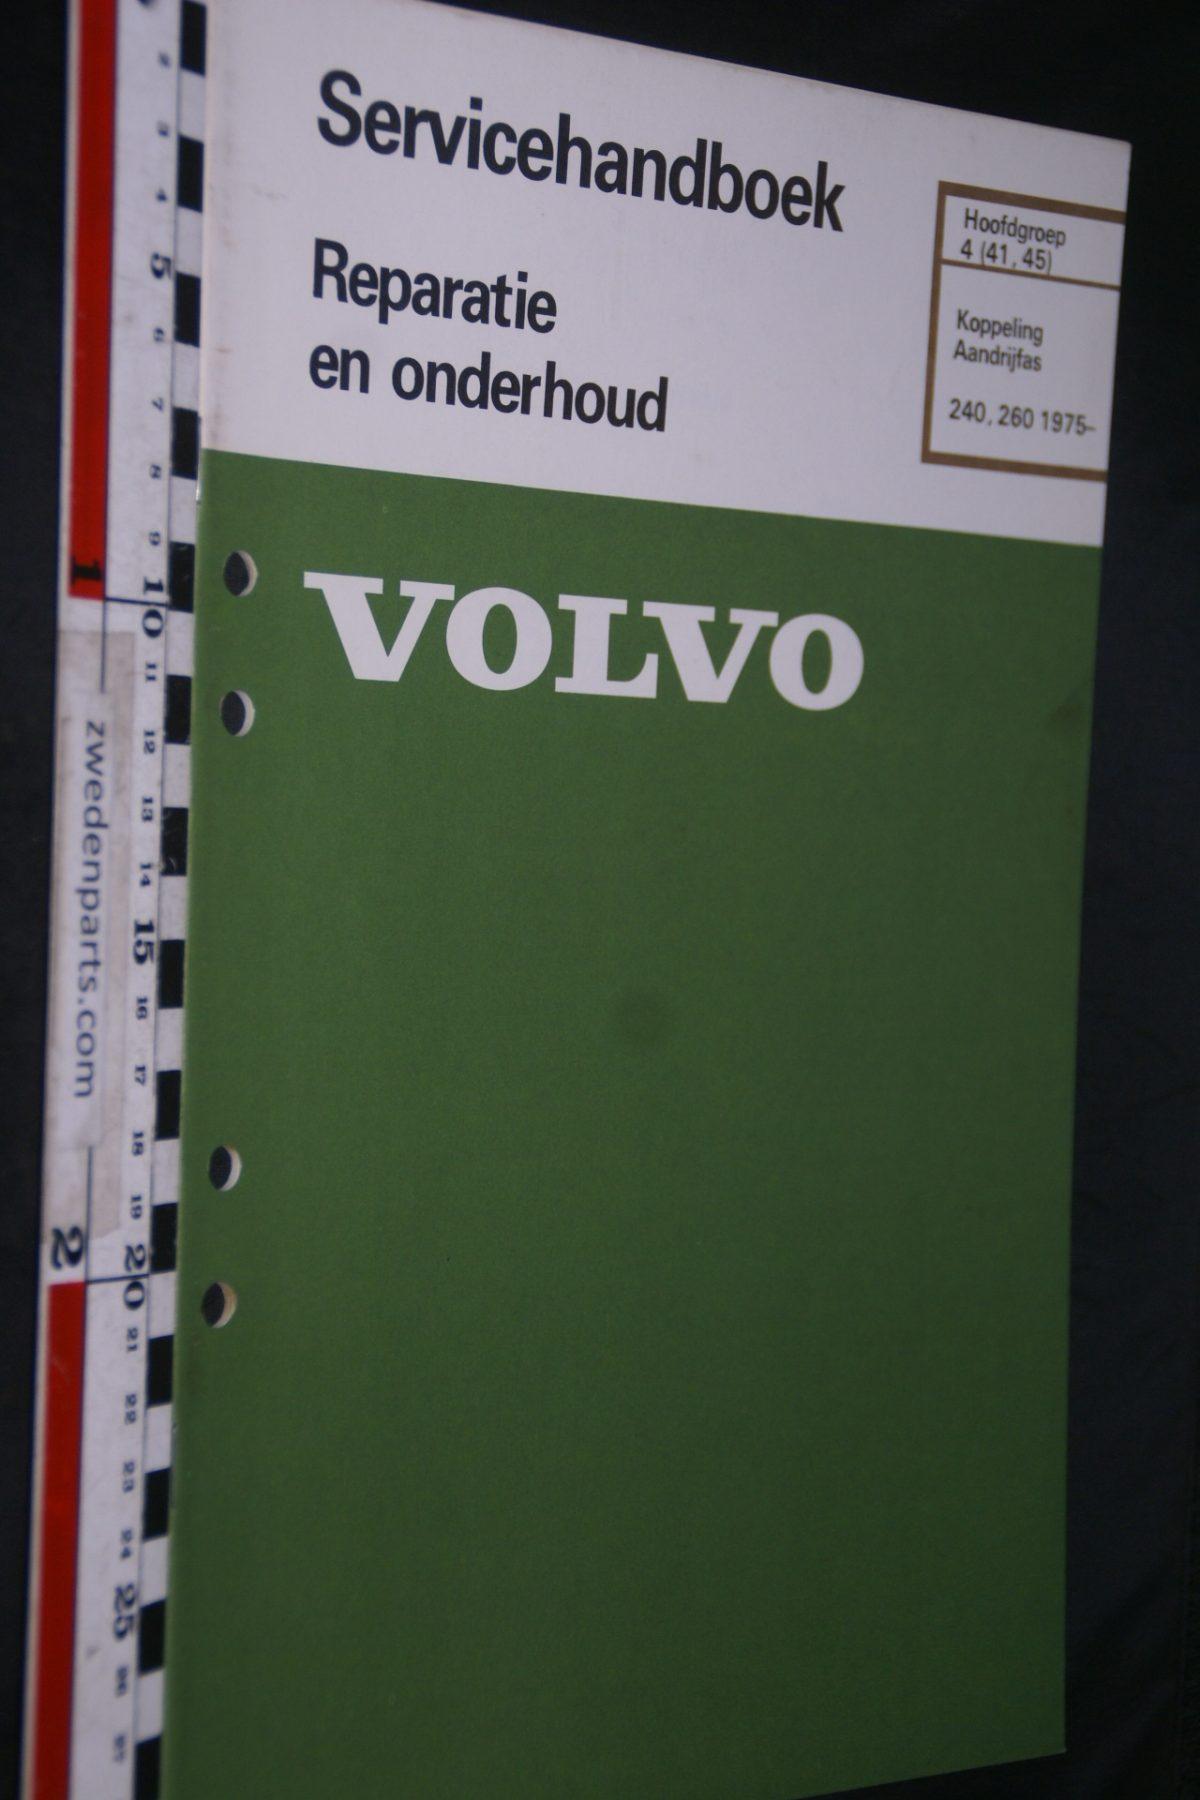 DSC06746 1982 origineel Volvo 240, 260 servicehandboek 4 (41,45) koppeling, aandrijfas 1 van 800 TP 30444-1